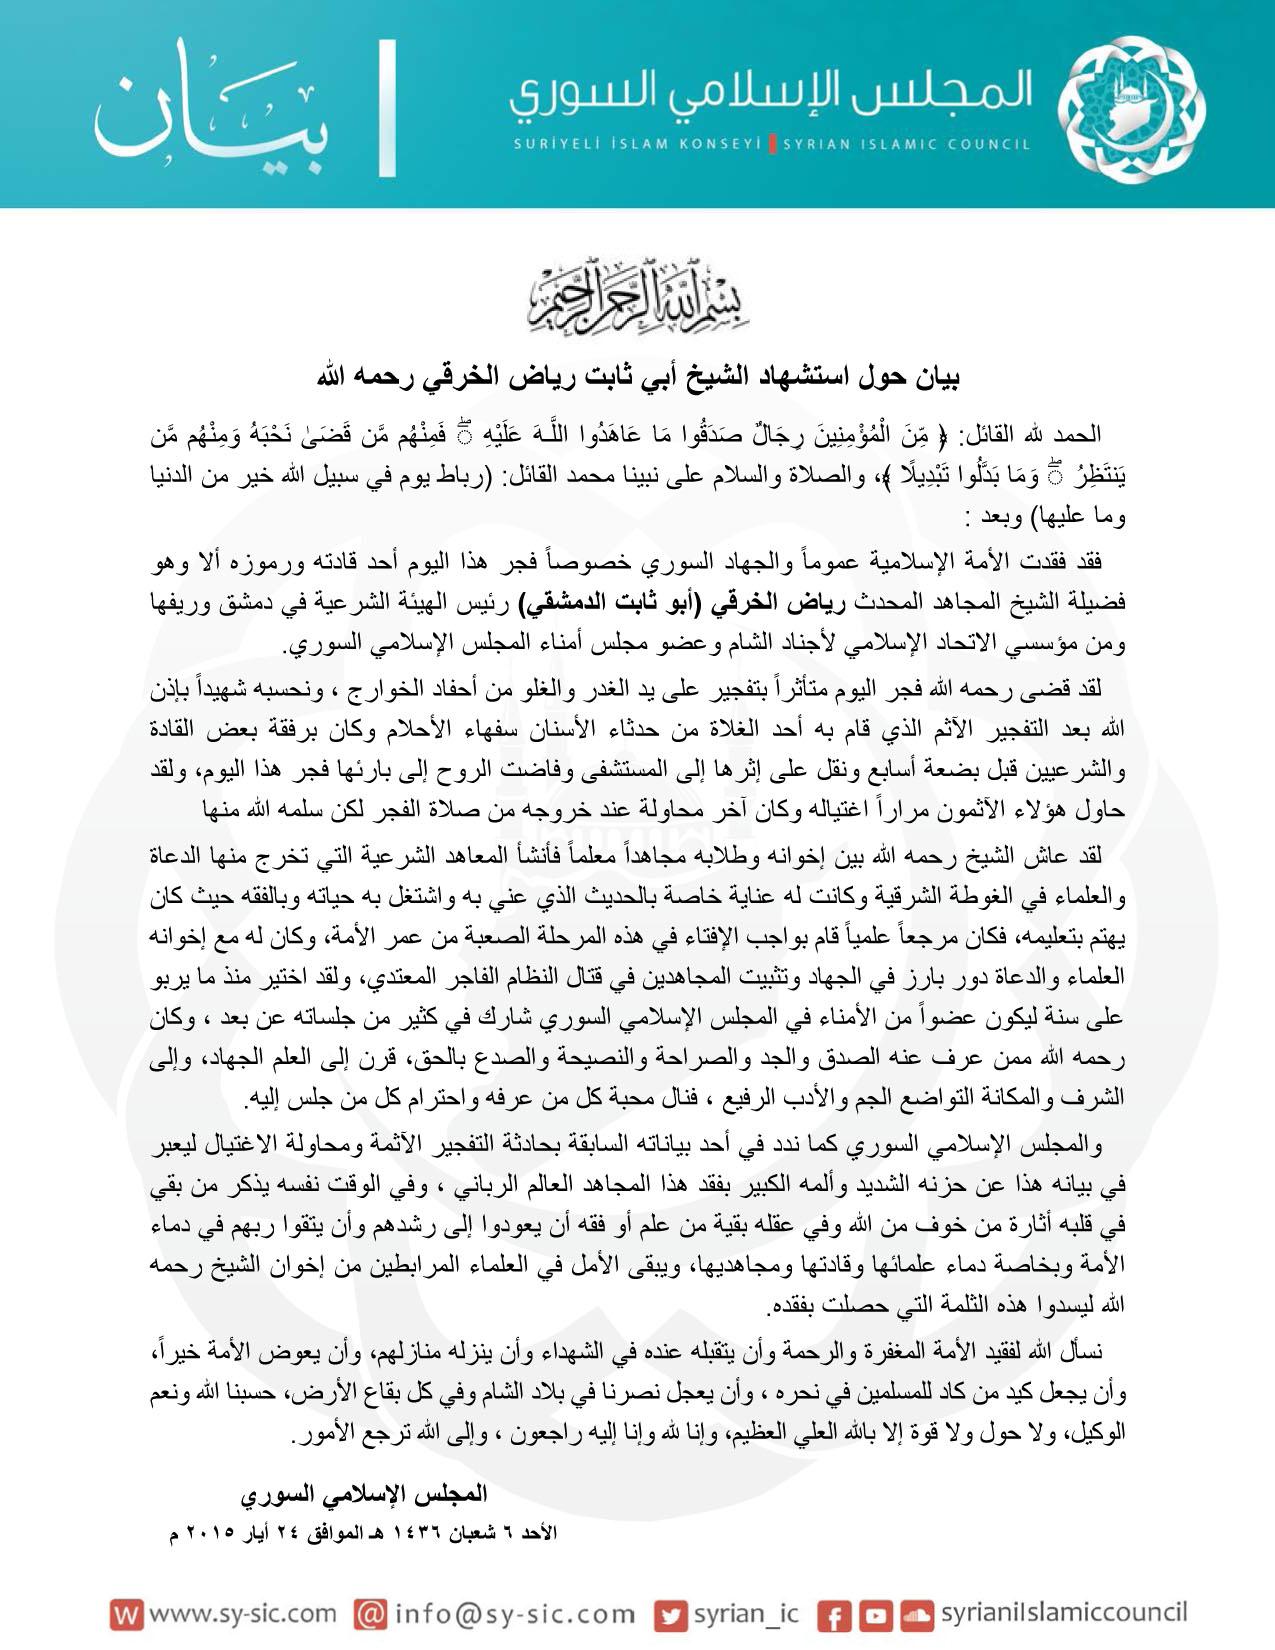 بيان استشهاد الشيخ رياض